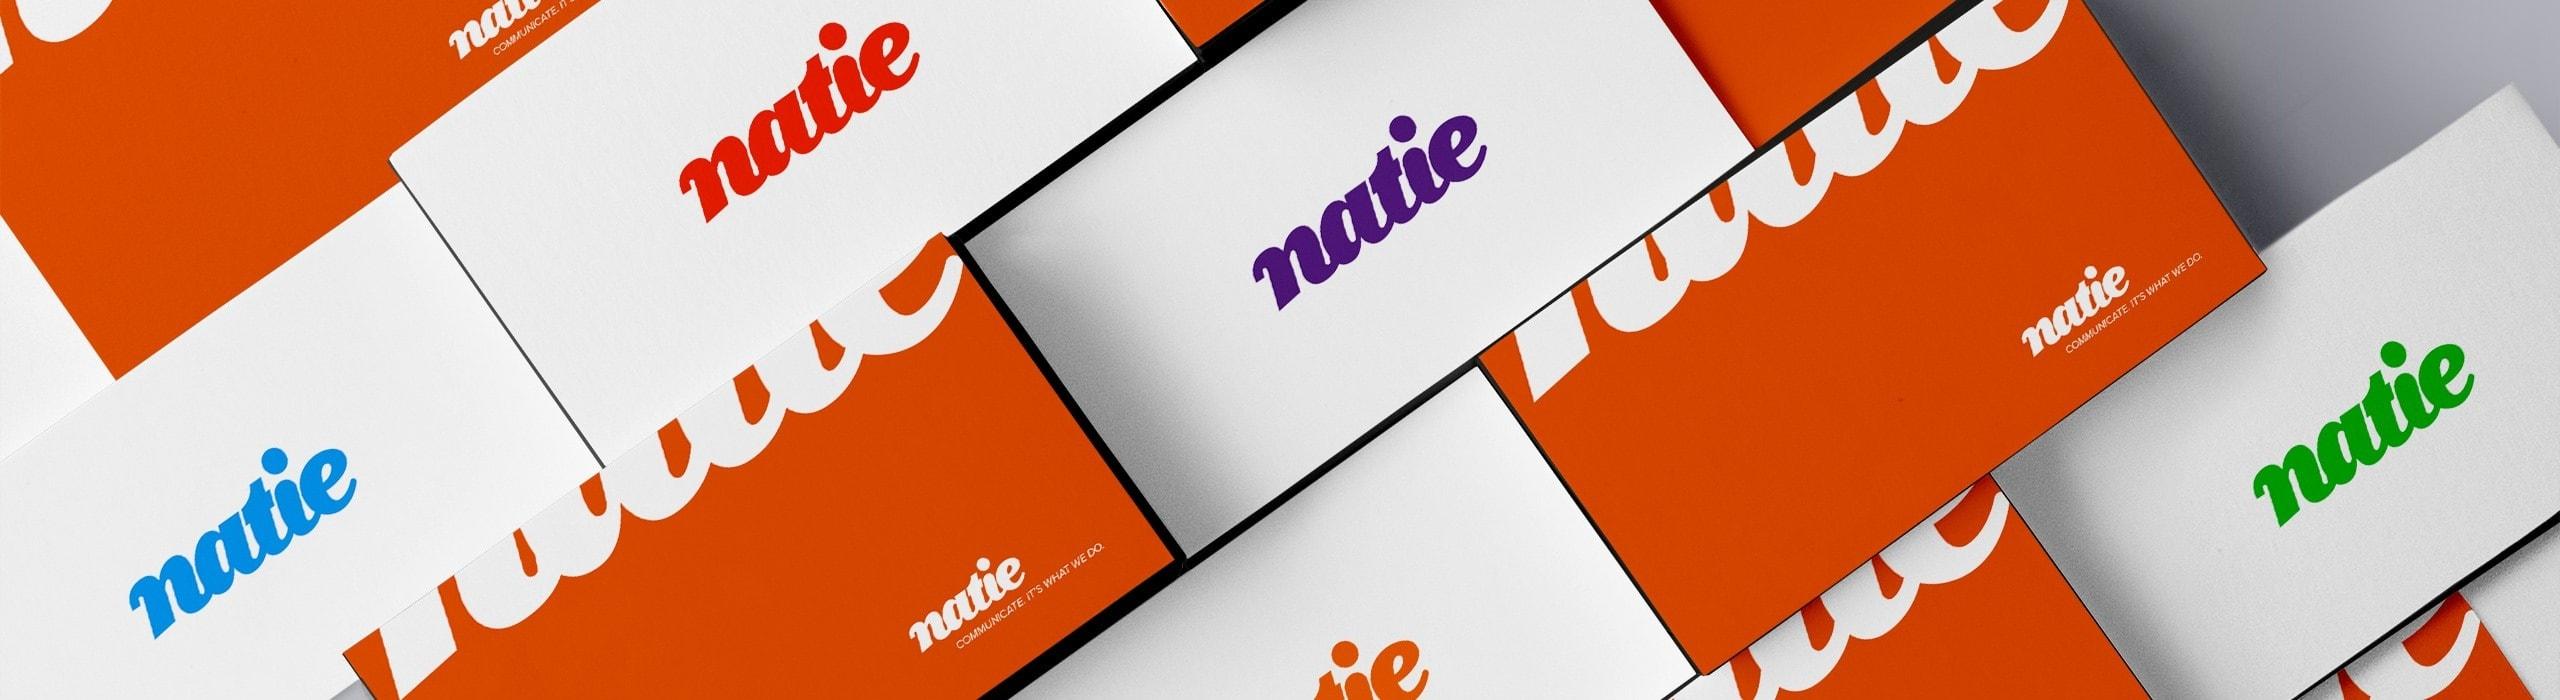 Natie - natie-rebrand-stickers - Natie Branding Agency